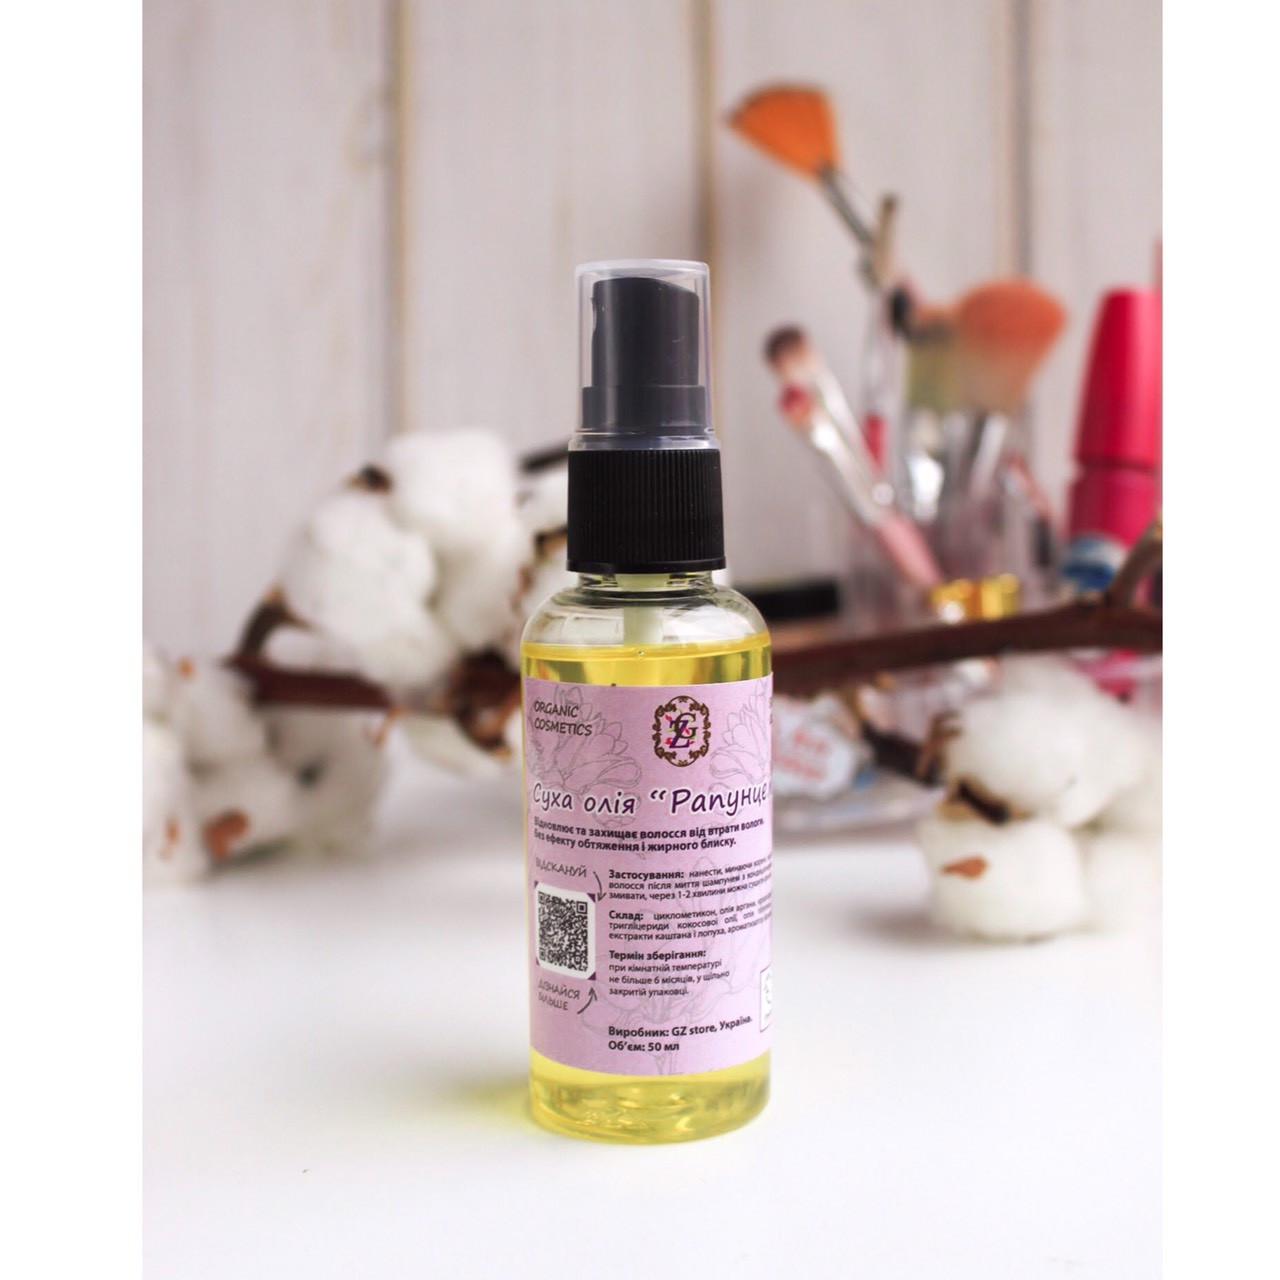 Спрей-масляный флюид для волос Рапунцель GZ store 50мл - термозащита с маслом Арганы, без утяжеления!